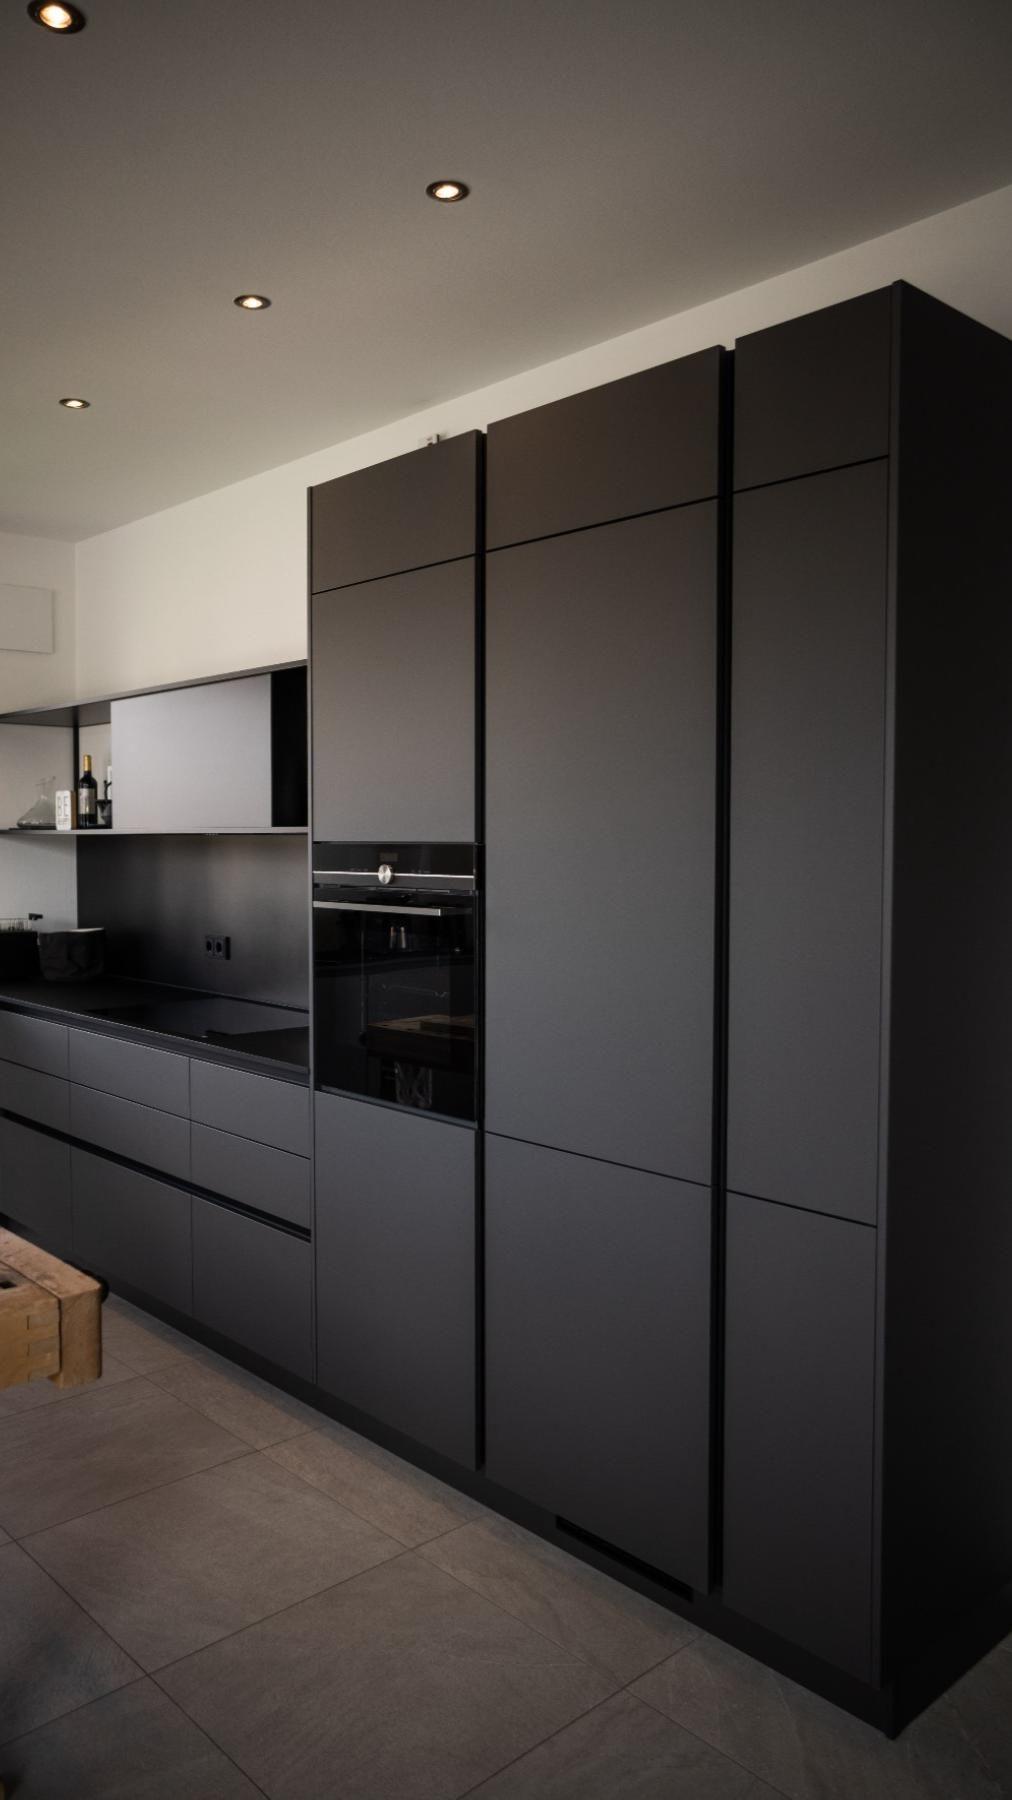 Minimalistische Küche Graphit schwarz